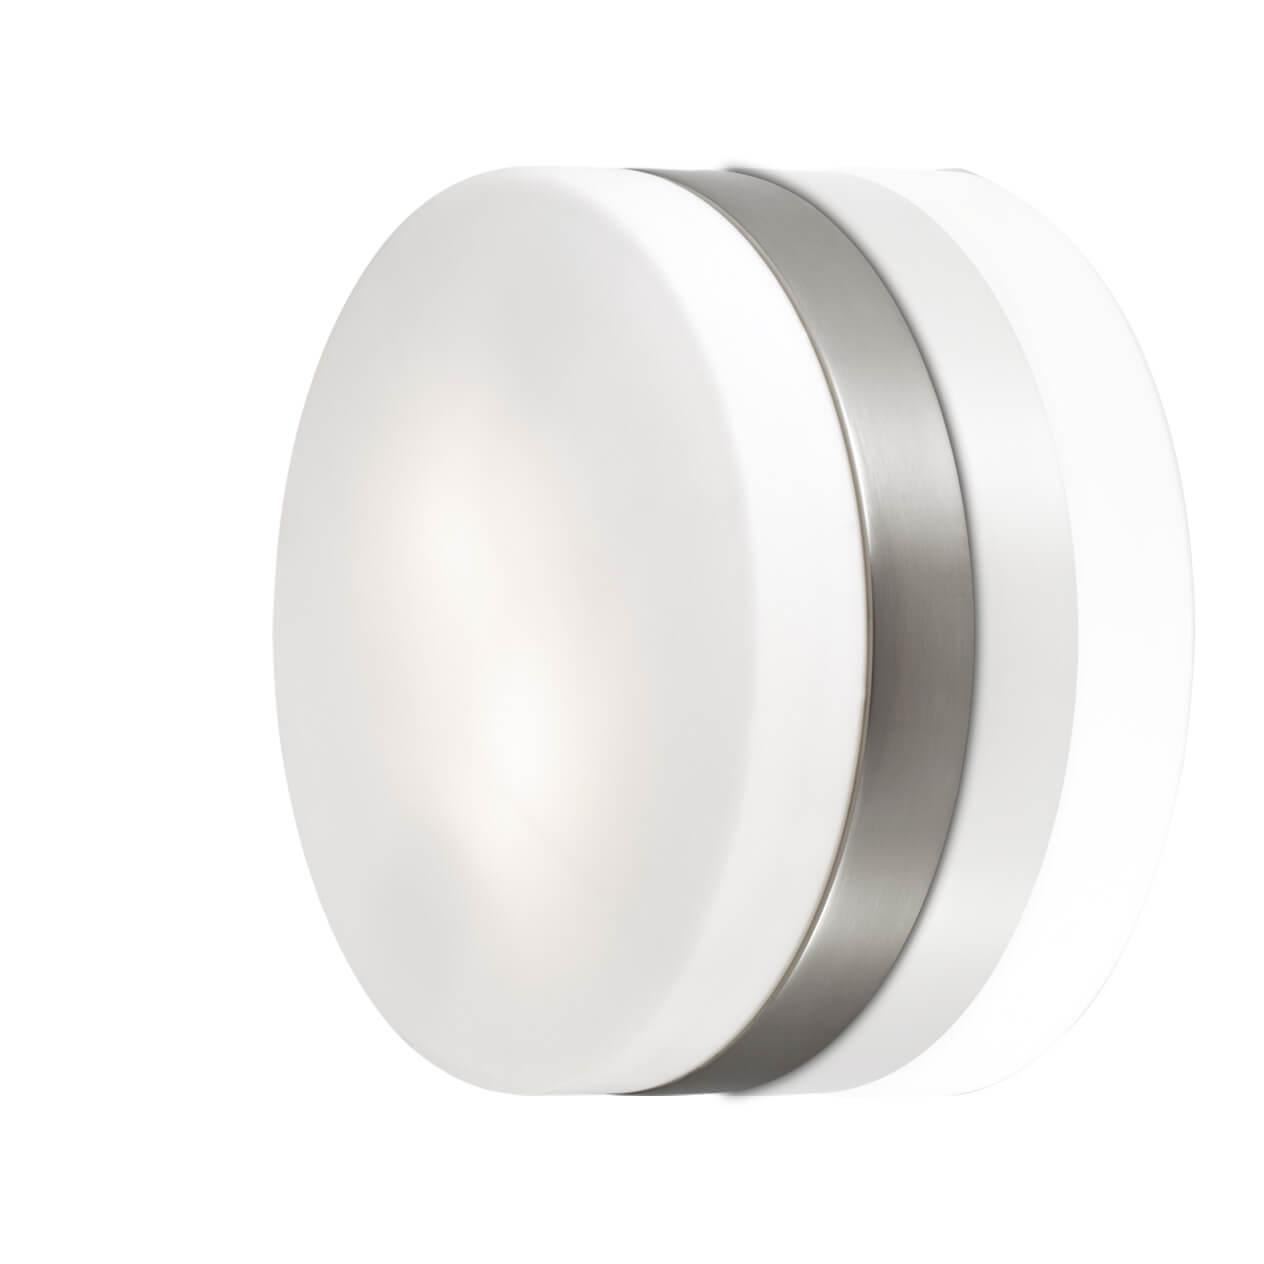 Настенный светильник Odeon Light 2405/2C, E14, 40 Вт